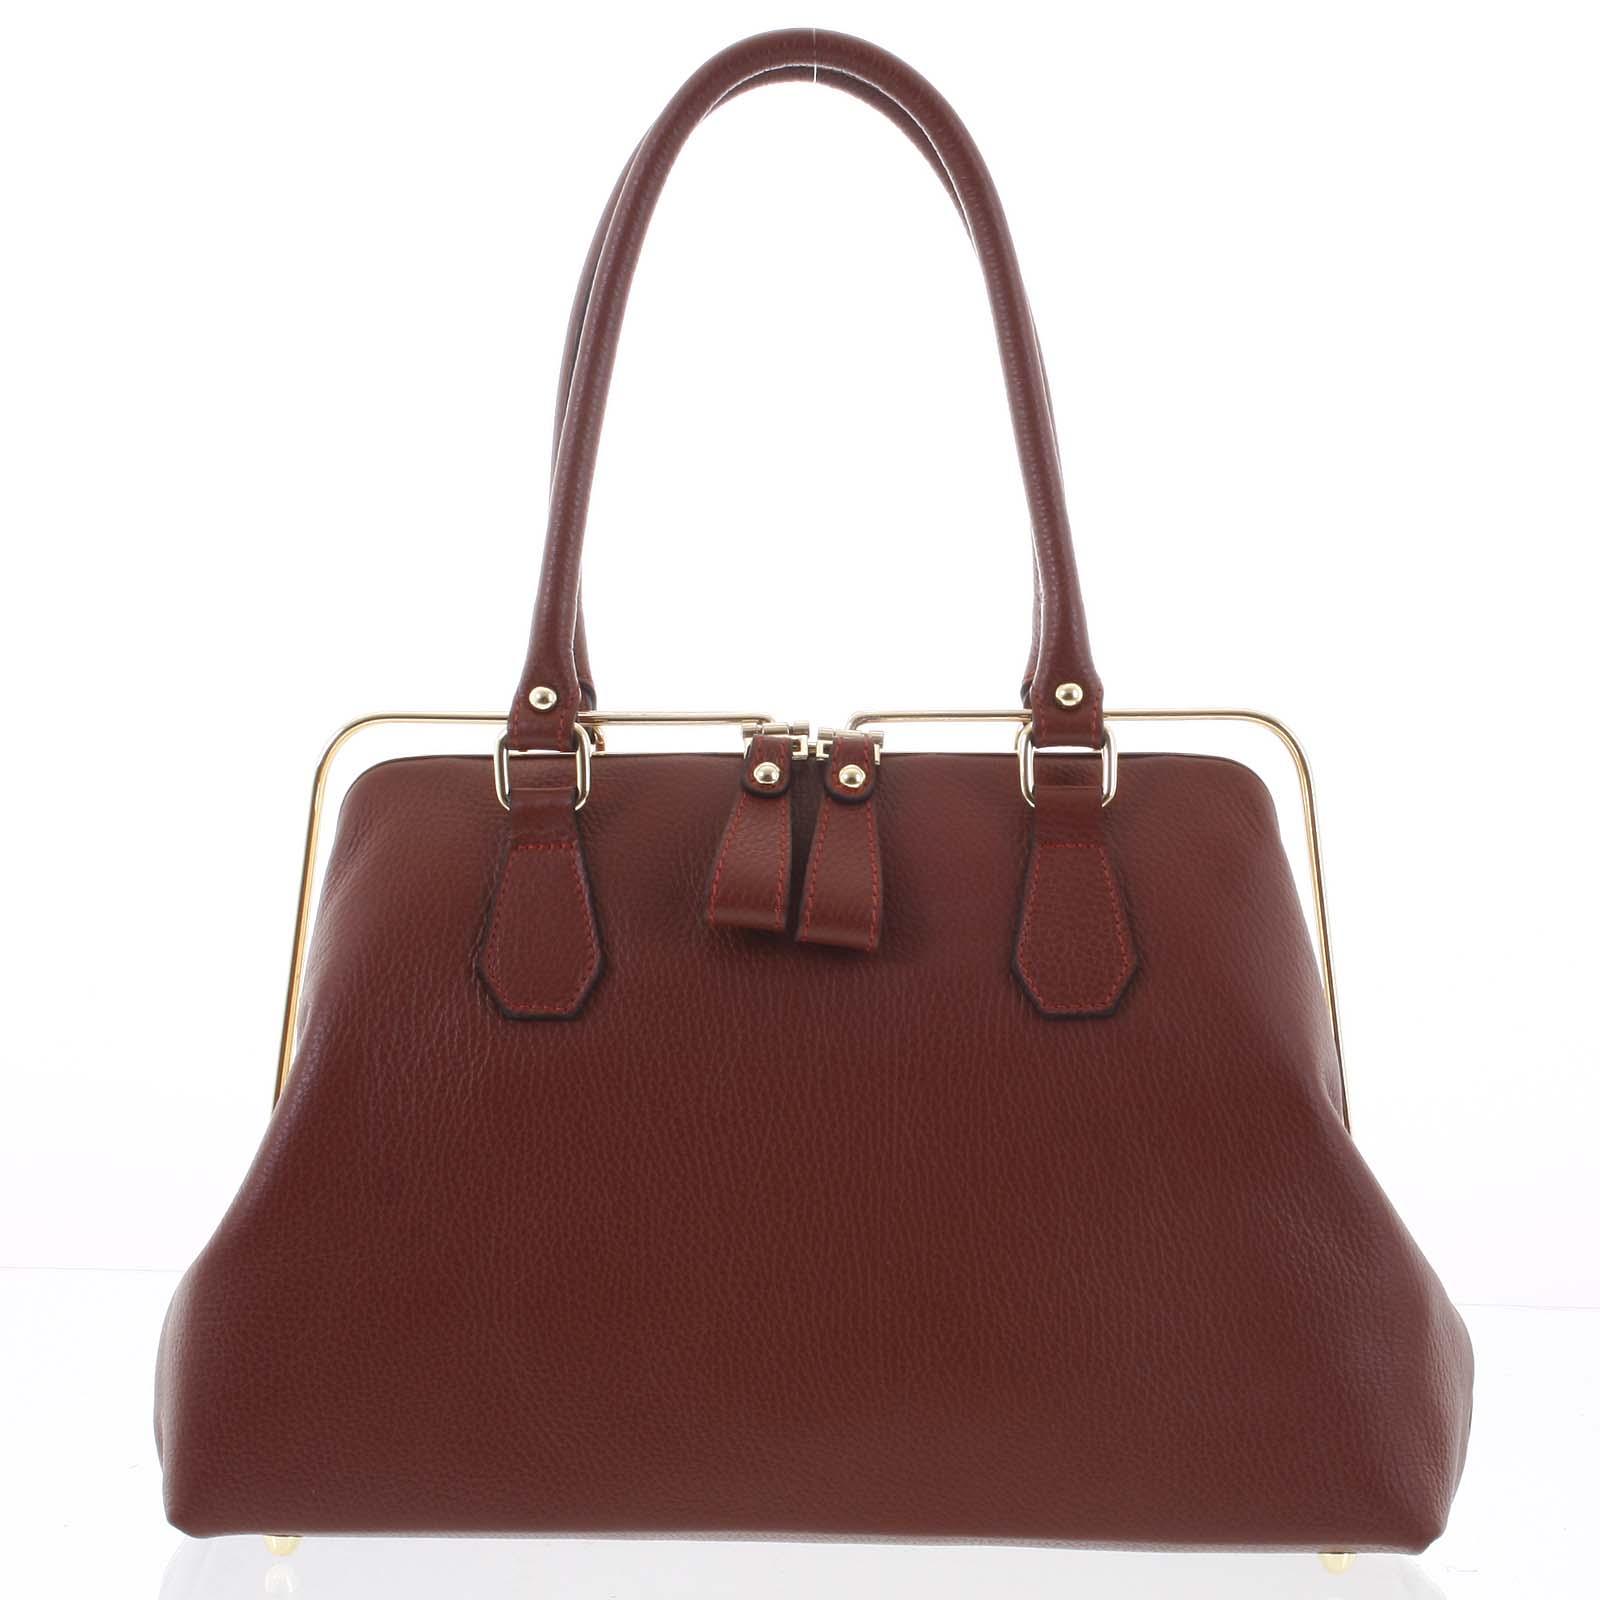 Retro luxusní dámská kožená kabelka tmavě červená - ItalY Esme